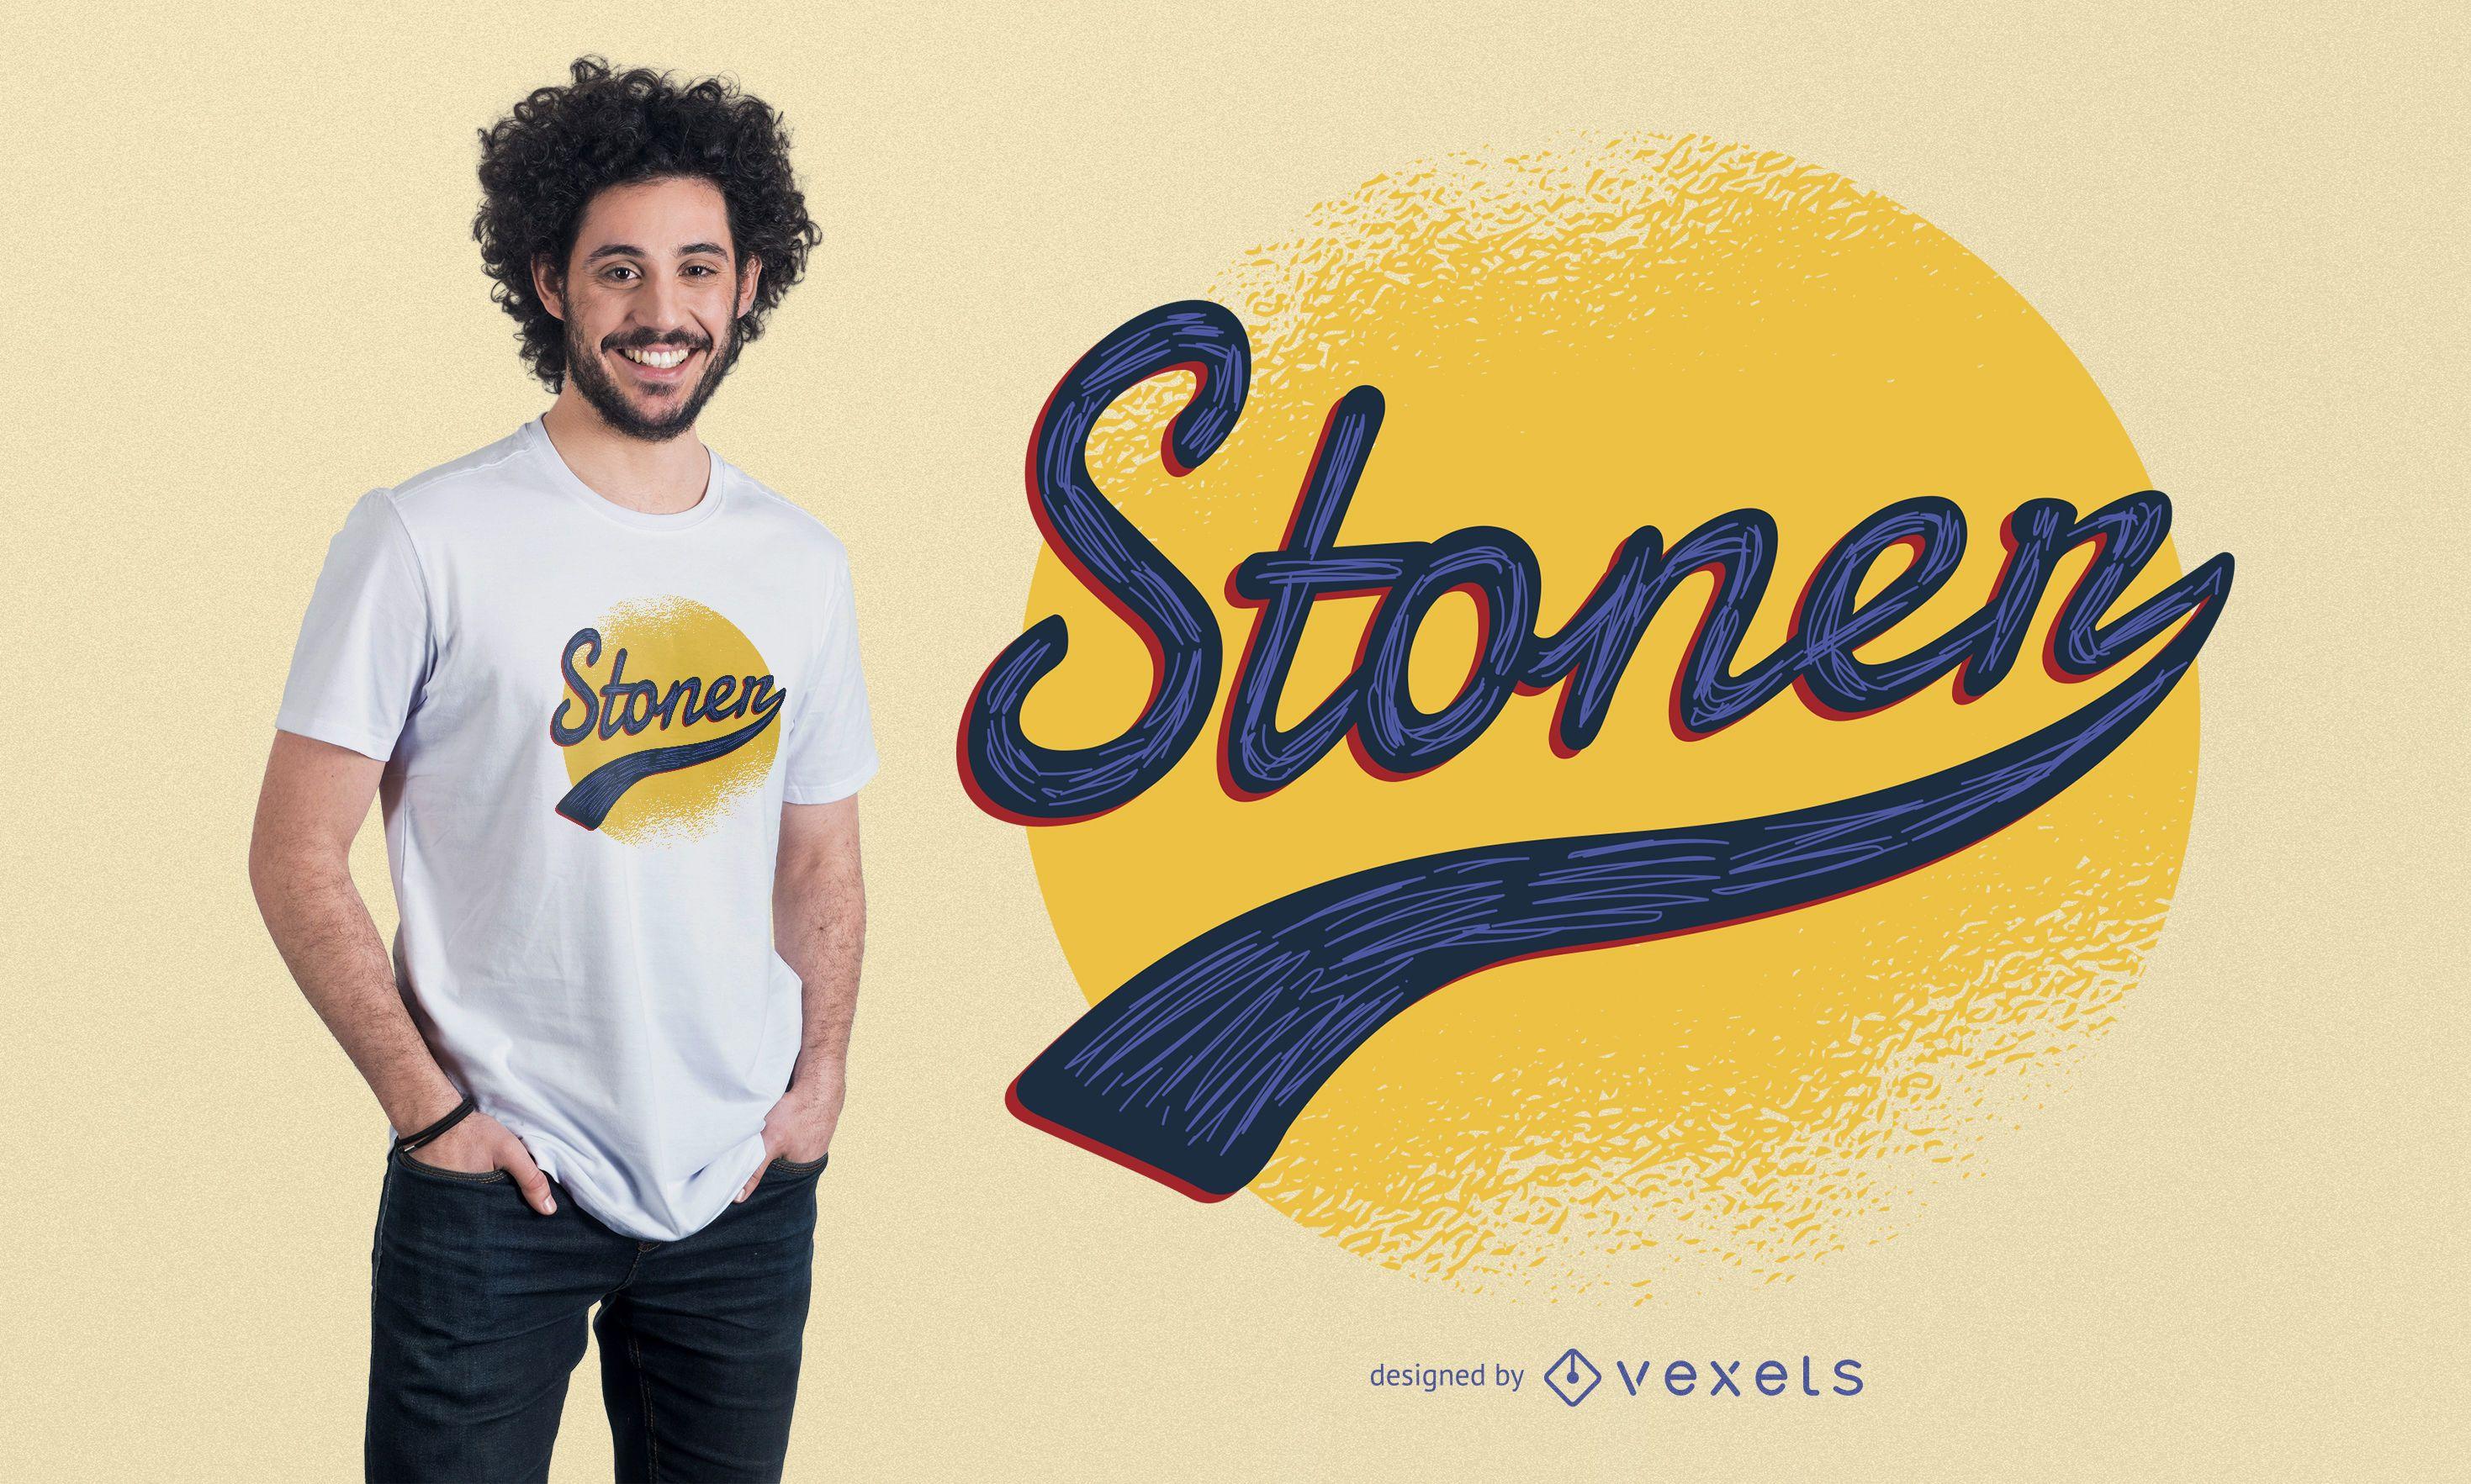 Vintage stoner t-shirt design